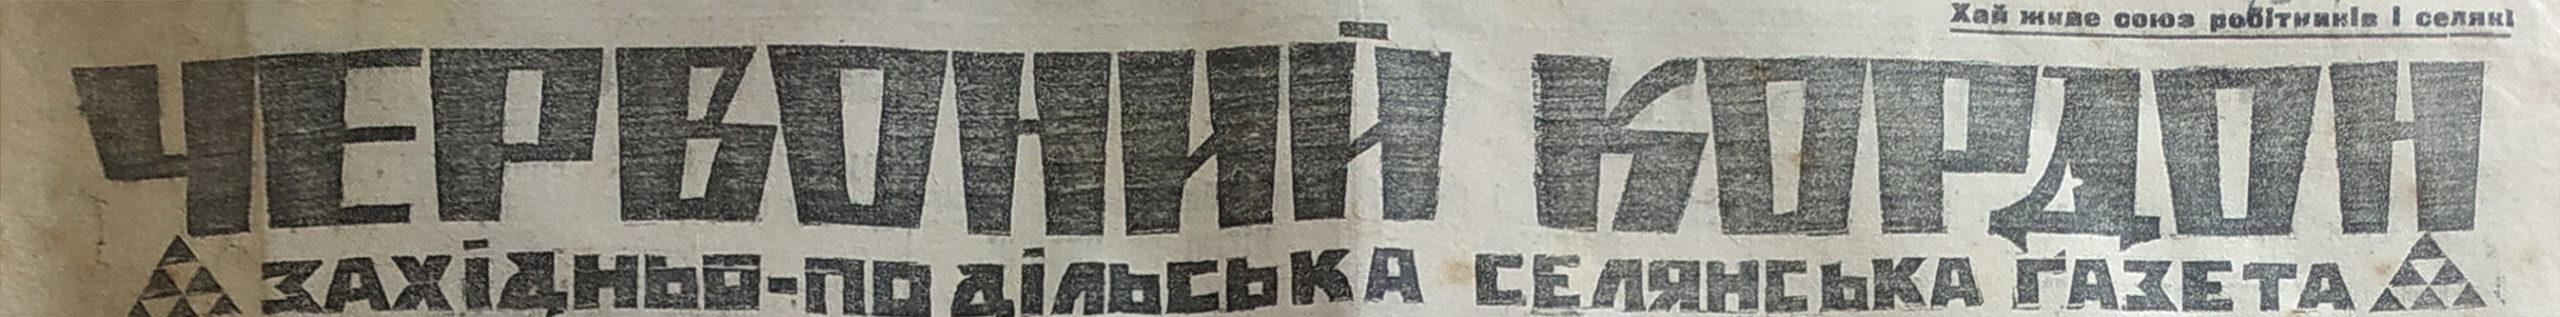 Логотип «Червоного кордону» 1926 року